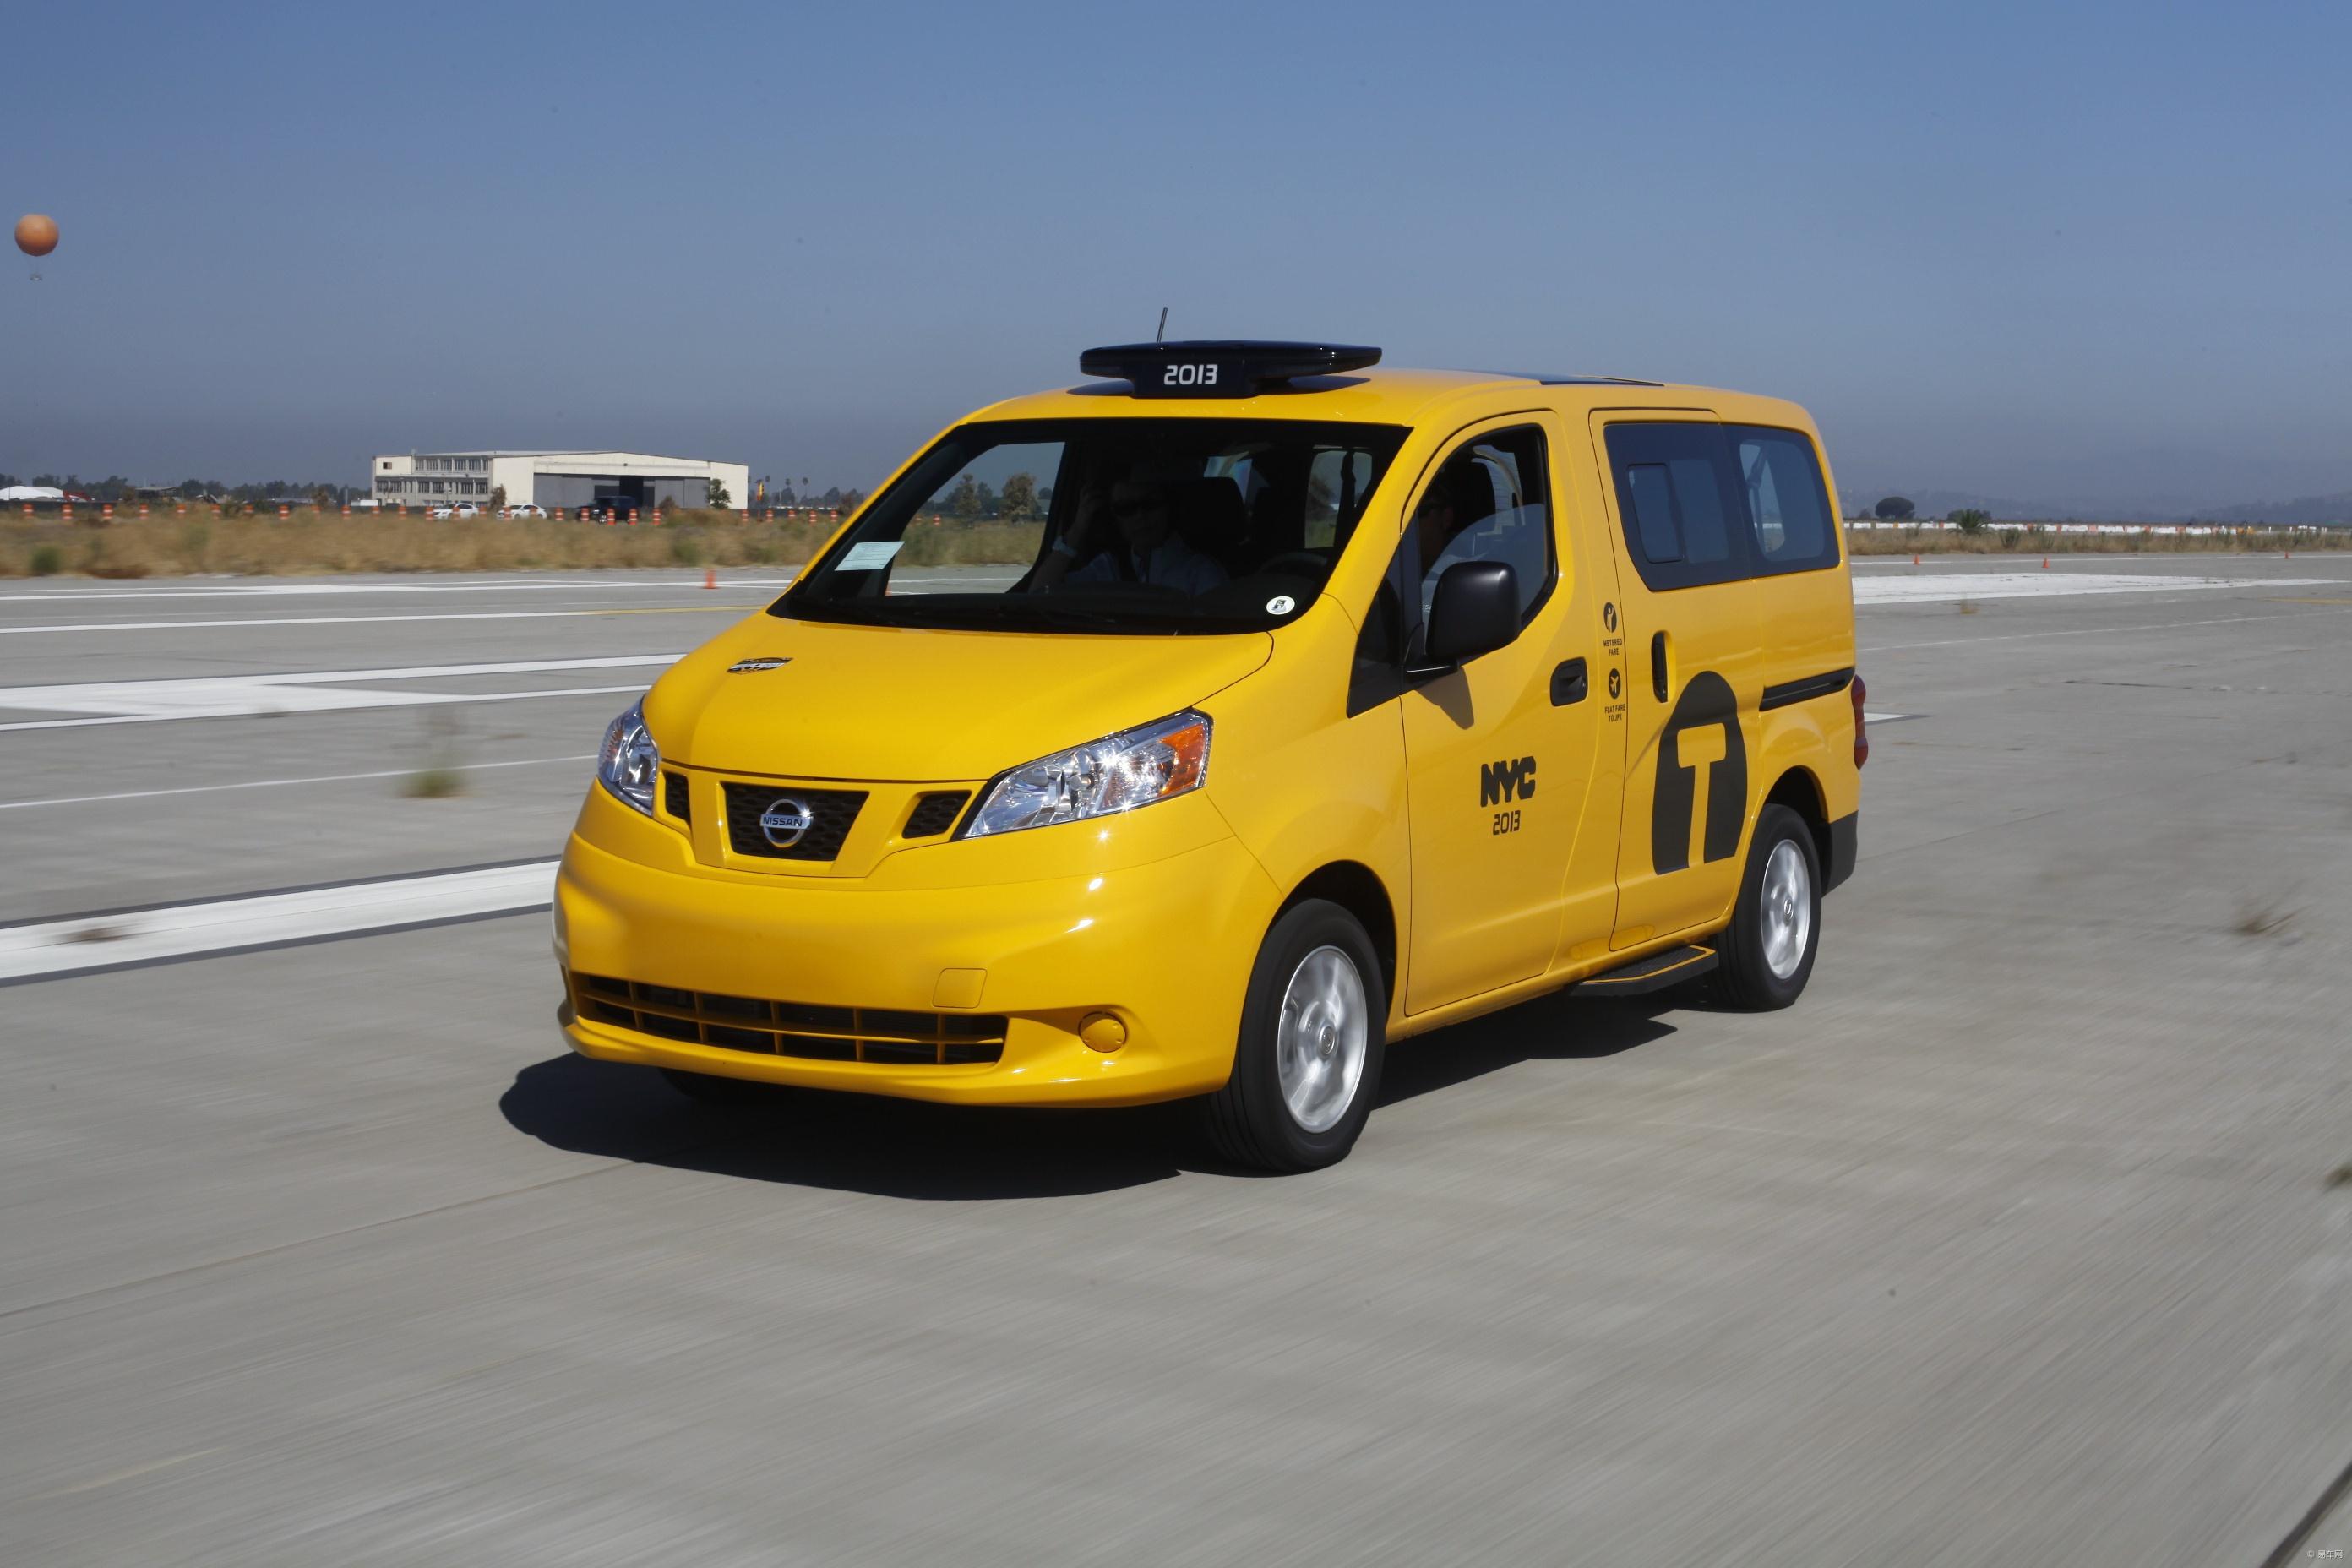 """9月,日产汽车在美国加州举办""""NISSAN 360""""活动,向全球展示日产在汽车技术领域所取得的创新突破,并提供全线车型的展示及试驾,以NISSAN NV200为代表的NV全系和其他LCV(轻型商用车)车型获得全球媒体关注。按计划,成功当选纽约未来十年唯一出租车后,NISSAN NV200出租车将于今年10月31日正式上路运营,而活动期间,细心的游客提前在好莱坞环球影城发现了NISSAN NV200出租车的黄色身影。事实上,国内尽管没有出租车版的NISSAN NV200,但却随处可见"""